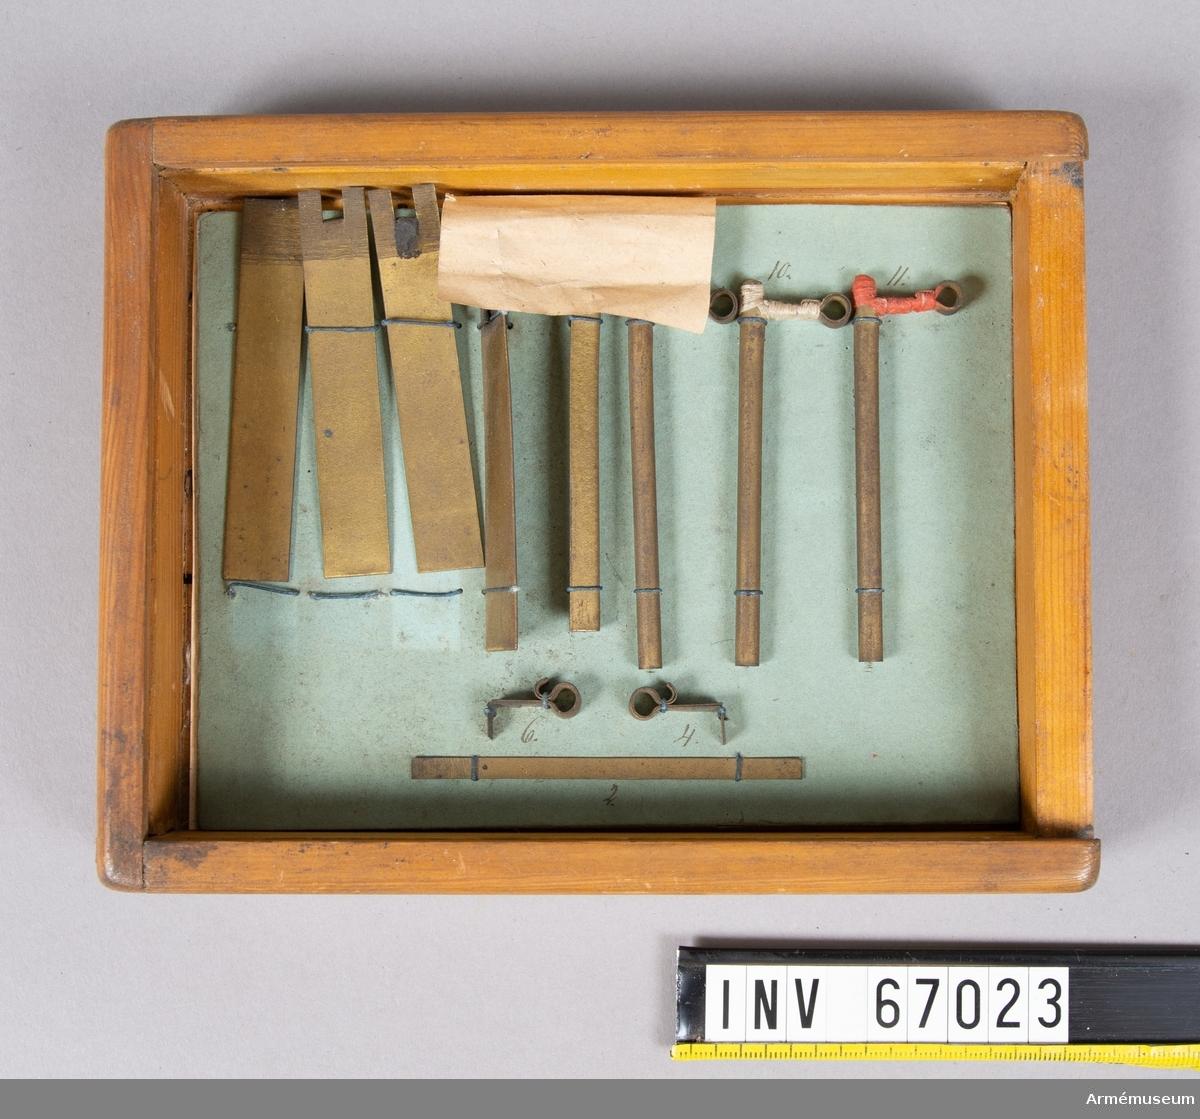 Grupp F II.  Tillverkningsserie av Behms fyrrör 1872 i etui.